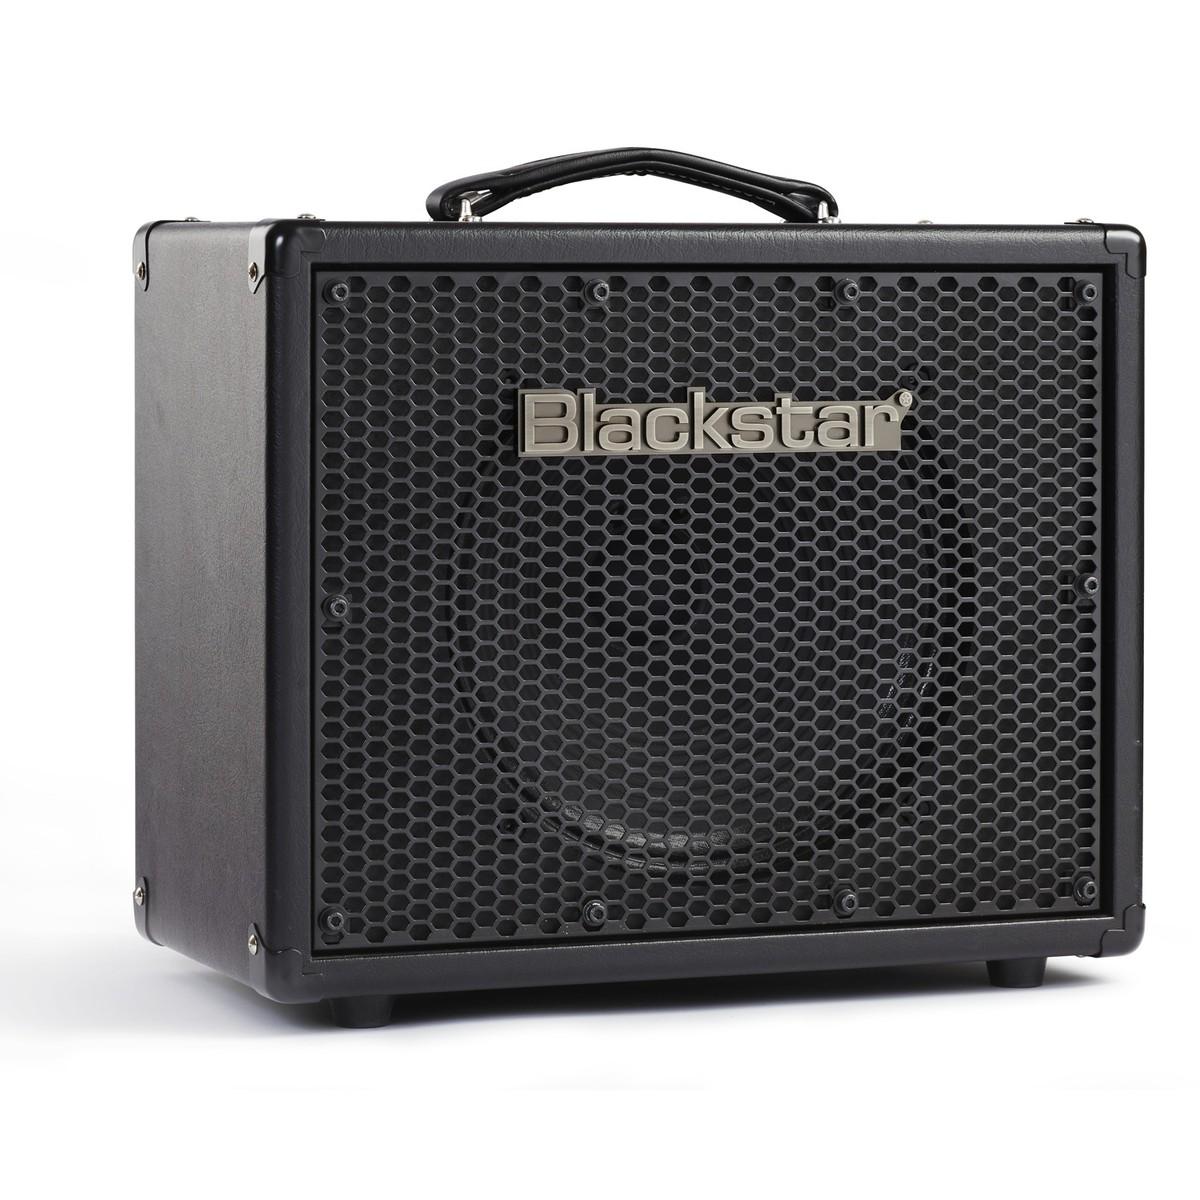 blackstar ht metal 5 guitar combo amp at. Black Bedroom Furniture Sets. Home Design Ideas